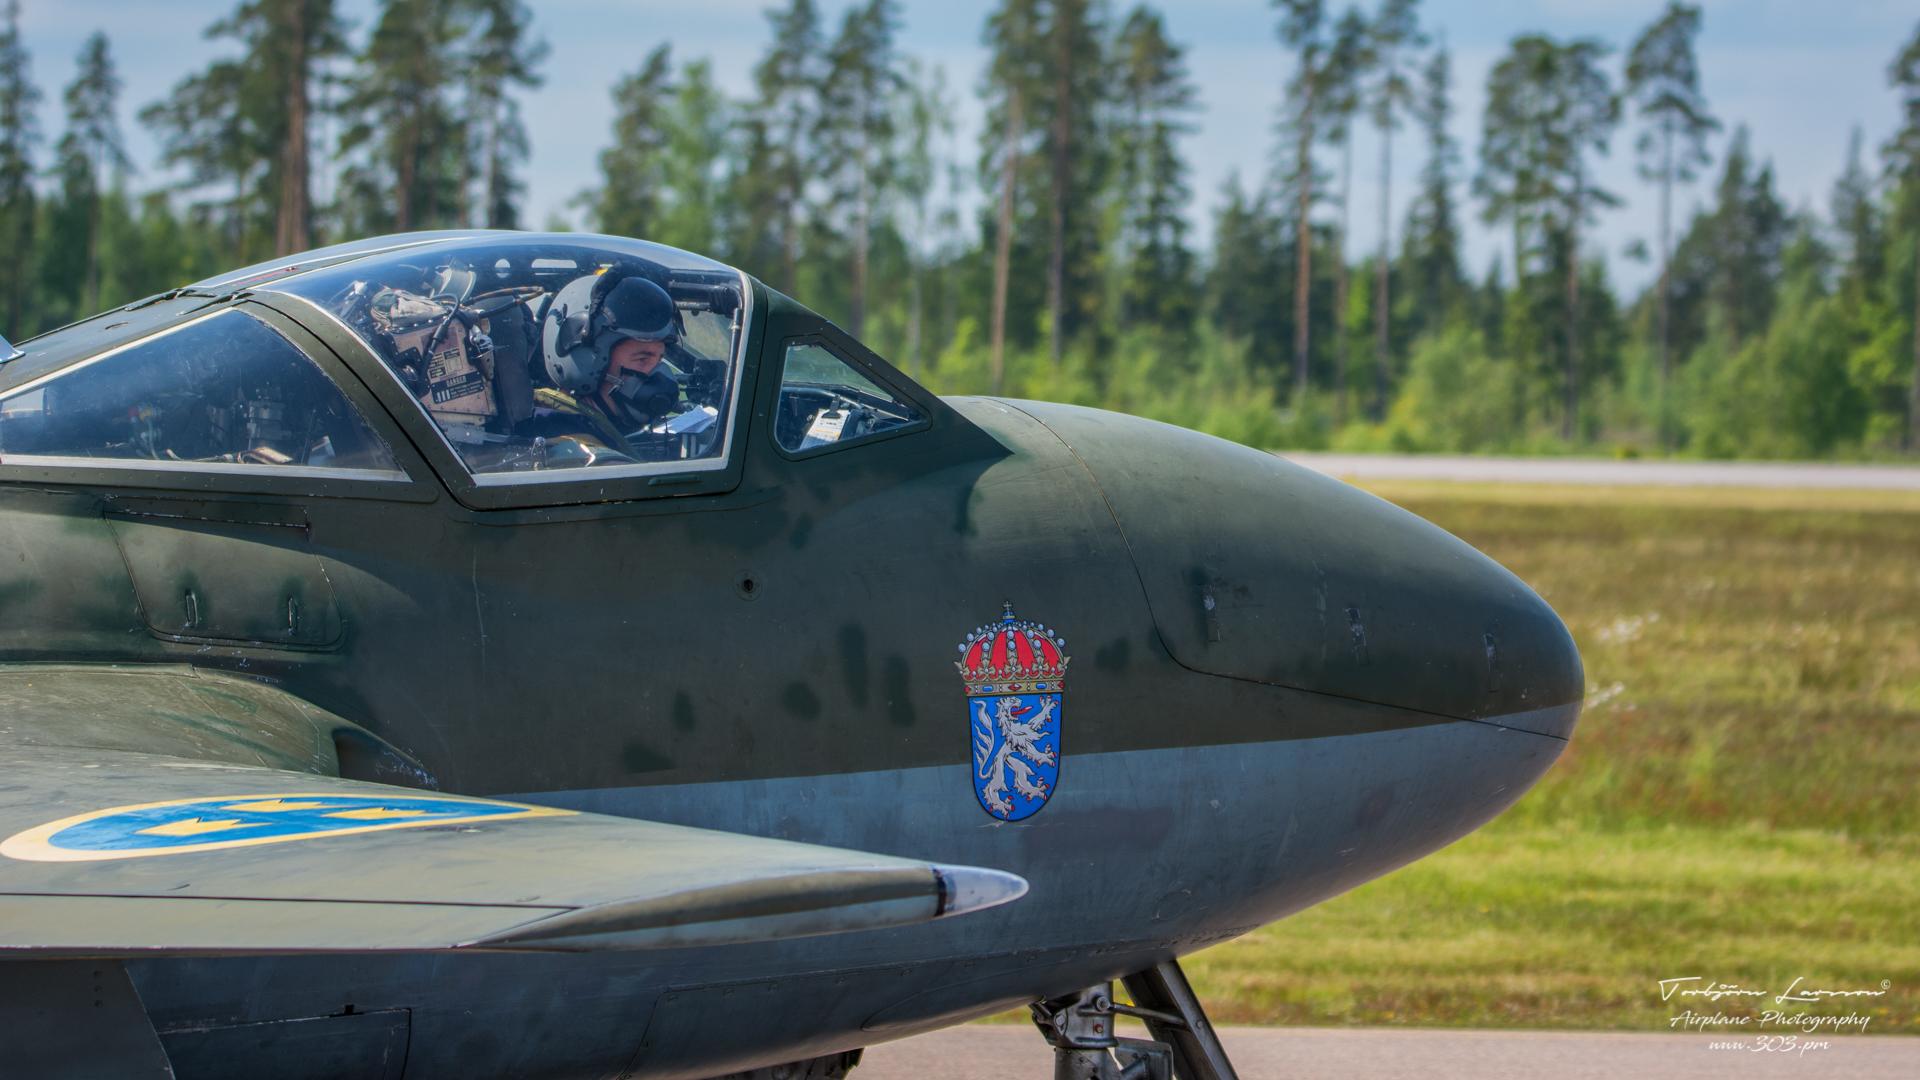 J-28 Vampire (de Havilland Vampire)